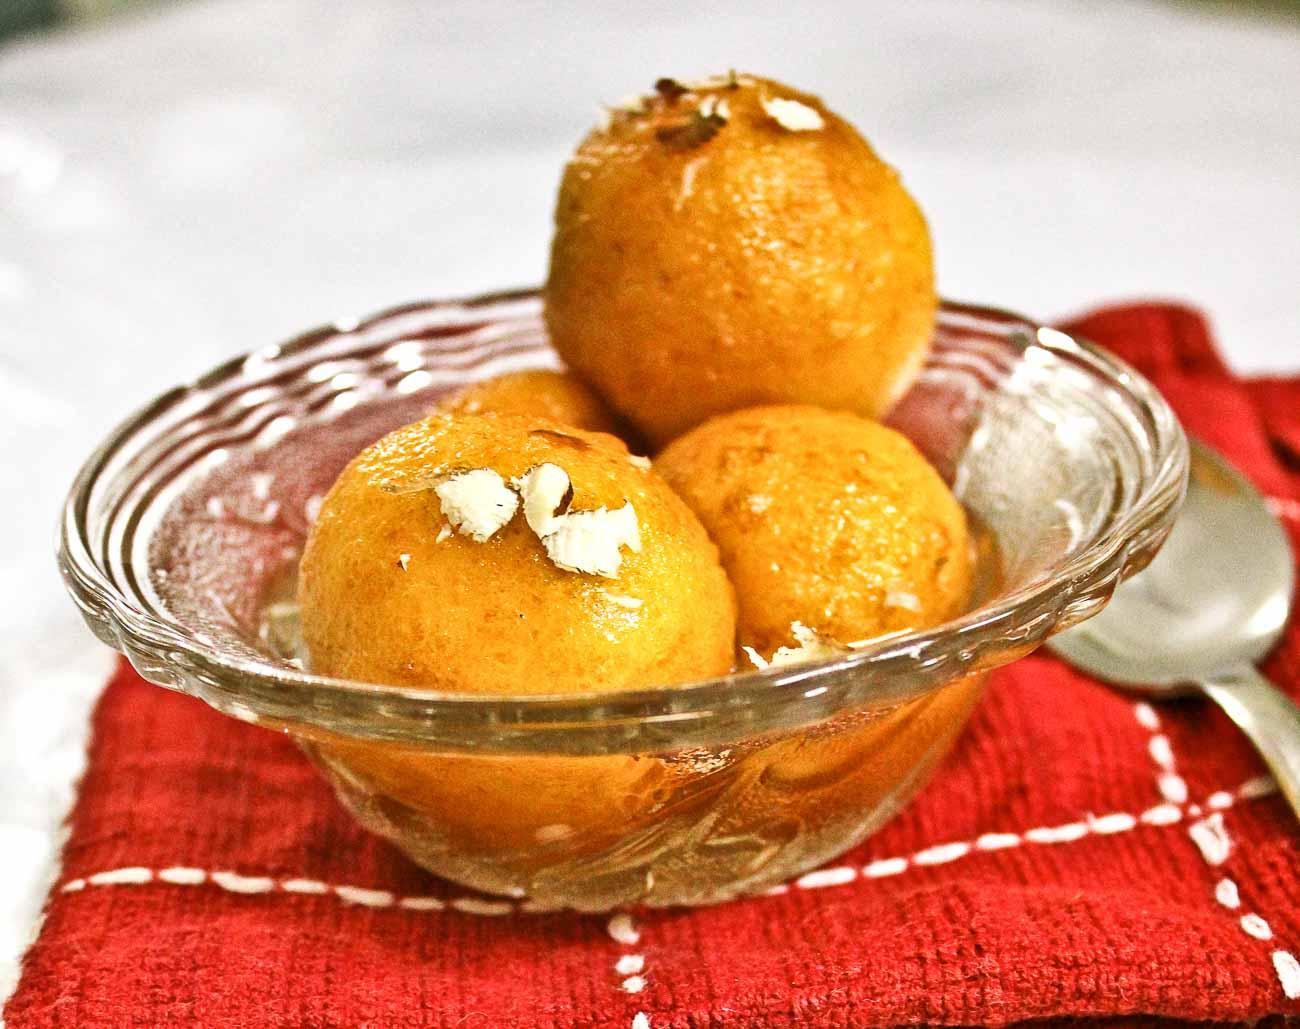 Paneer gulab jamun recipe delicious diwali sweet by archanas kitchen paneer gulab jamun recipe delicious diwali sweet forumfinder Gallery